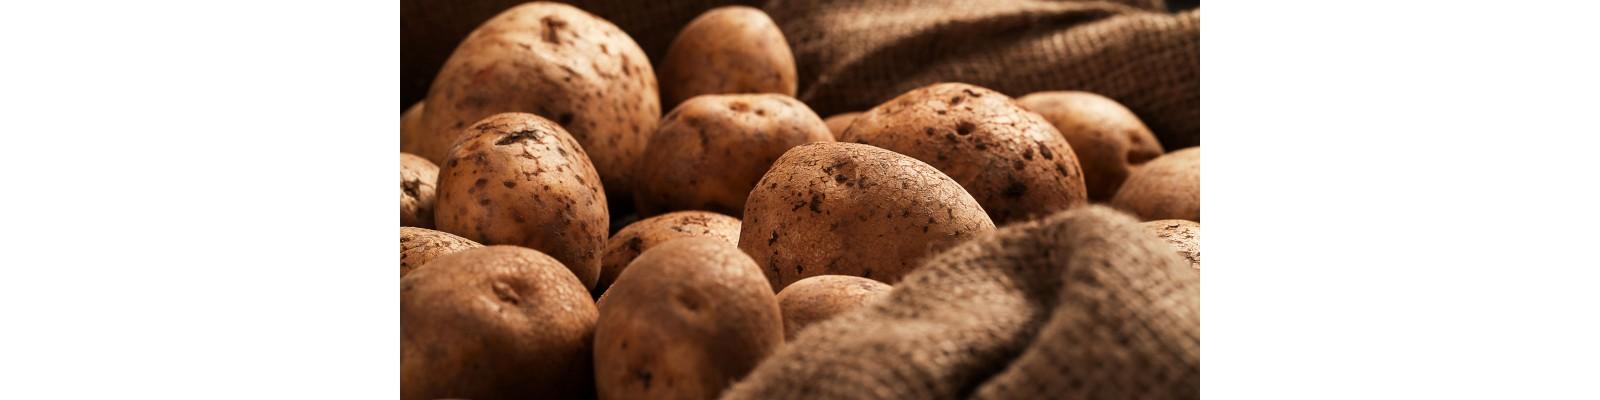 Cultura cartofilor - Sfaturi utile de plantare si ingrijire